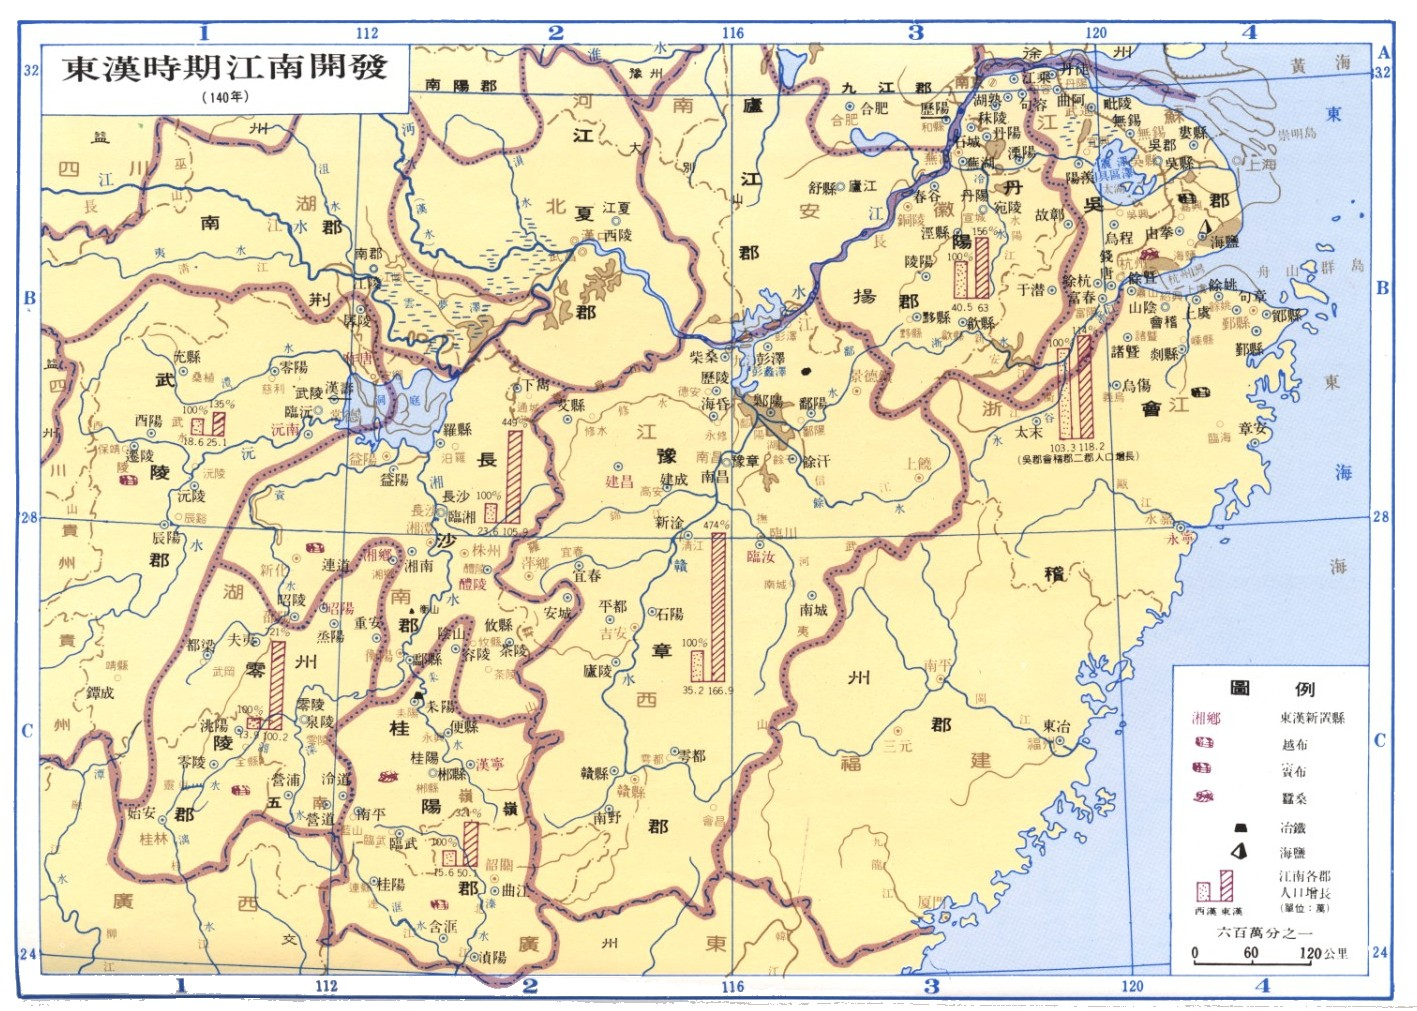 东汉时期江南开发